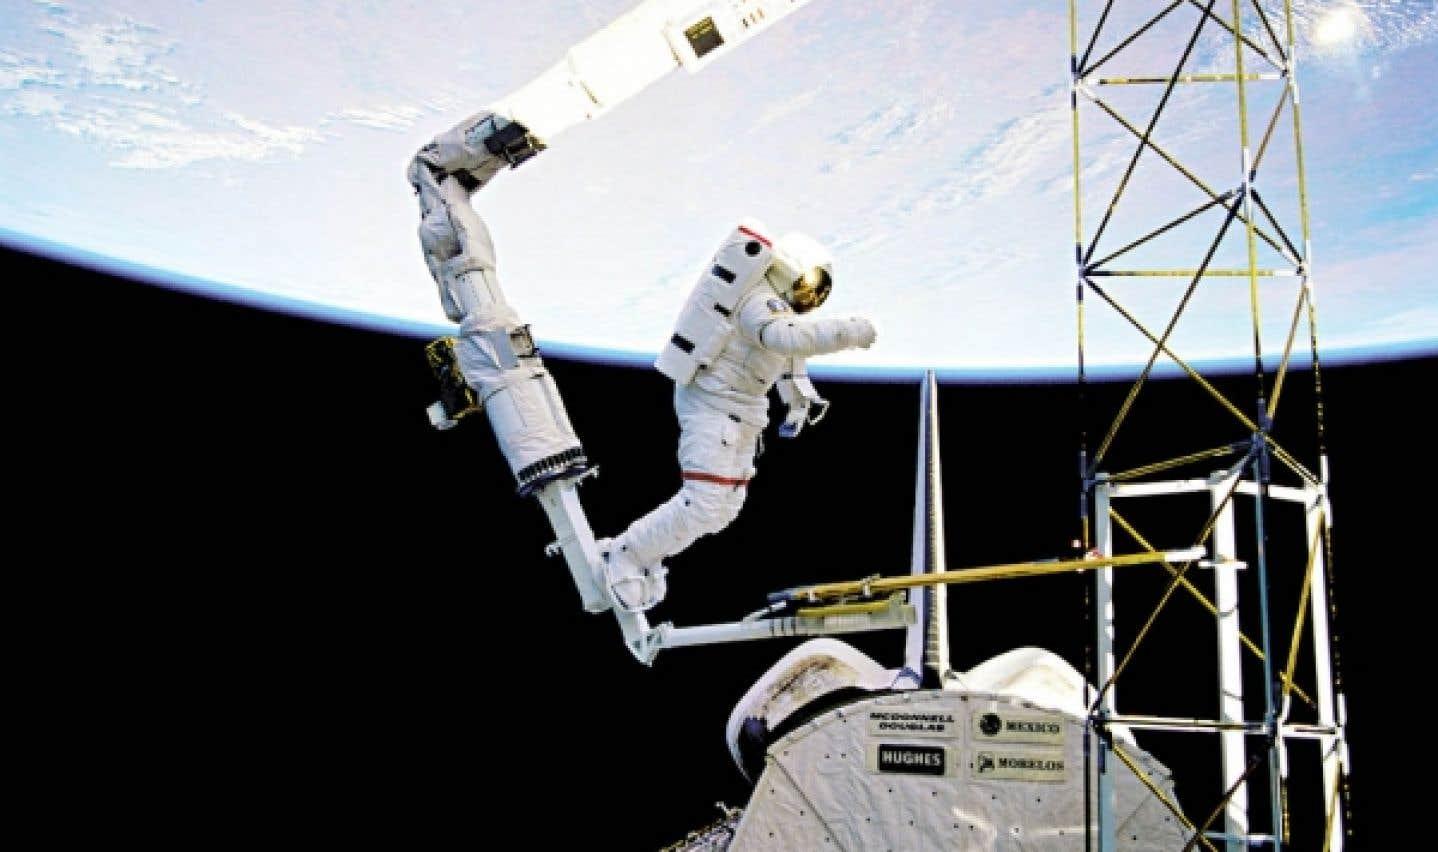 Un des deux types de robots pour lesquels excelle le Canada: le bras spatial Canadarm